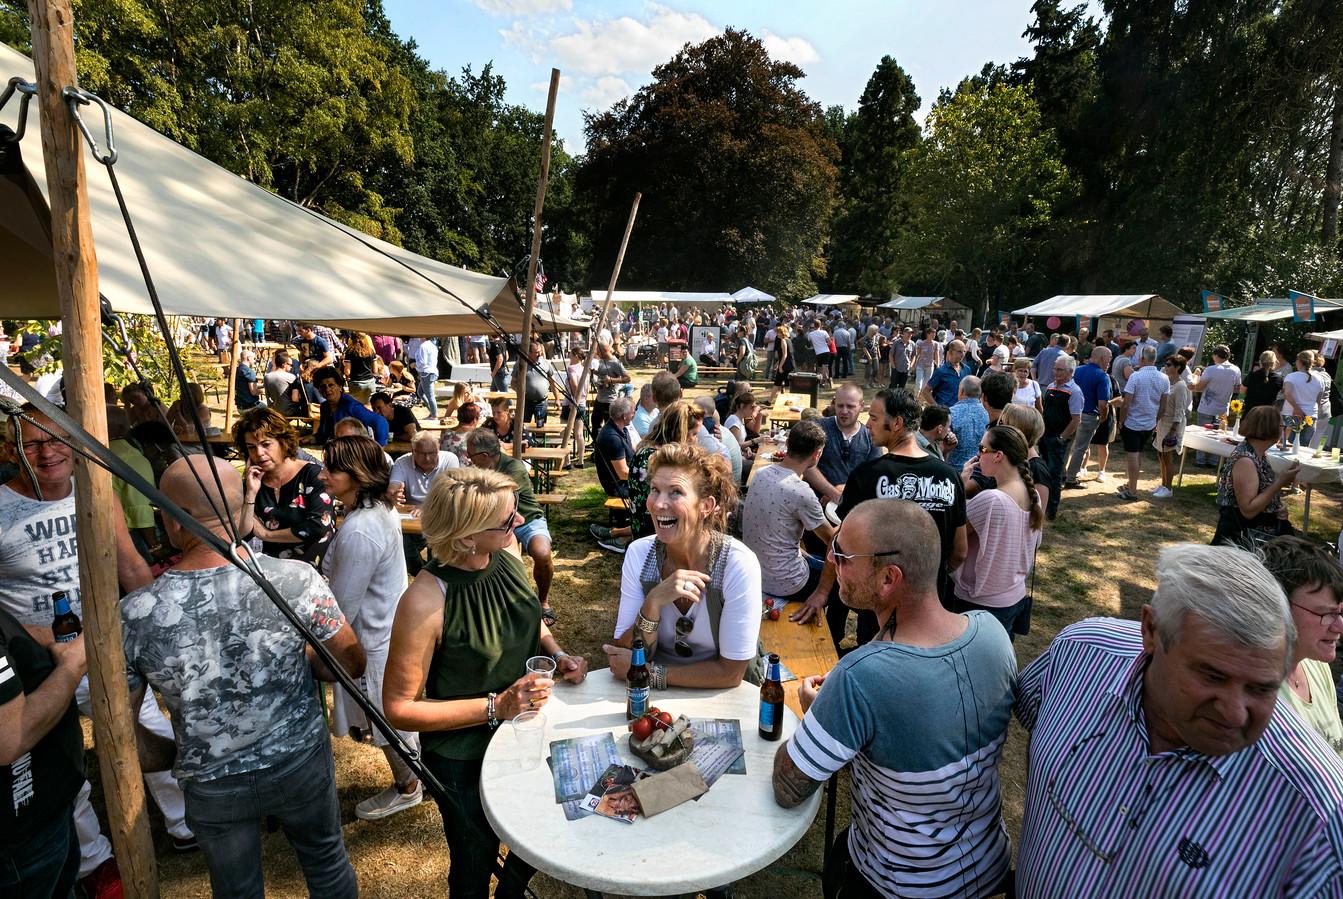 In de pastorietuin van Someren-Eind werd tegelijkertijd het Foodfestival van de ZLTO gehouden.